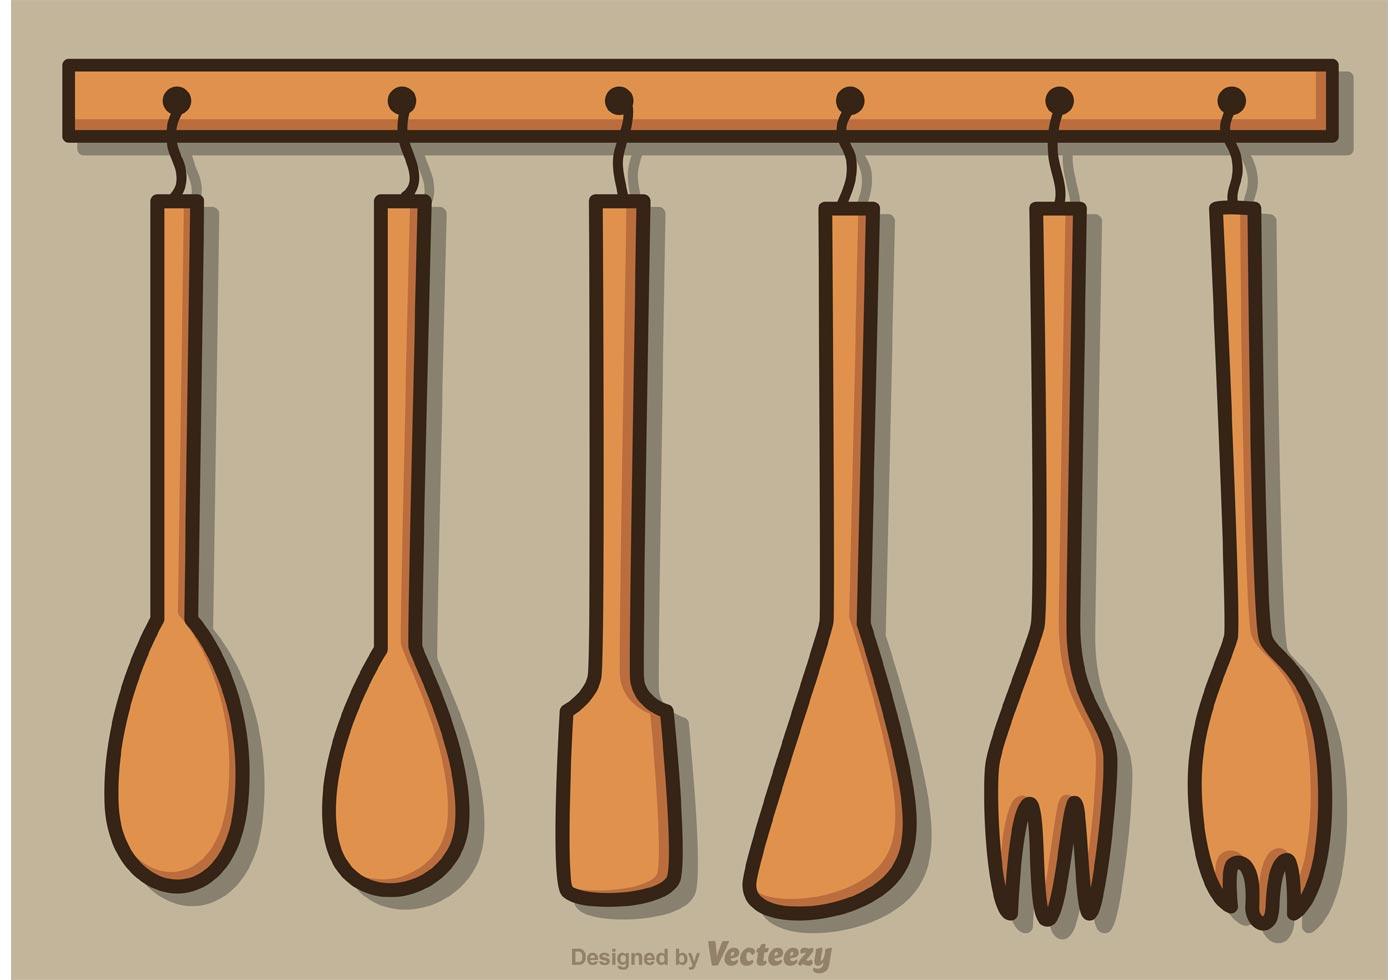 Hanging Wood Utensils Vector Pack - Download Free Vector ...